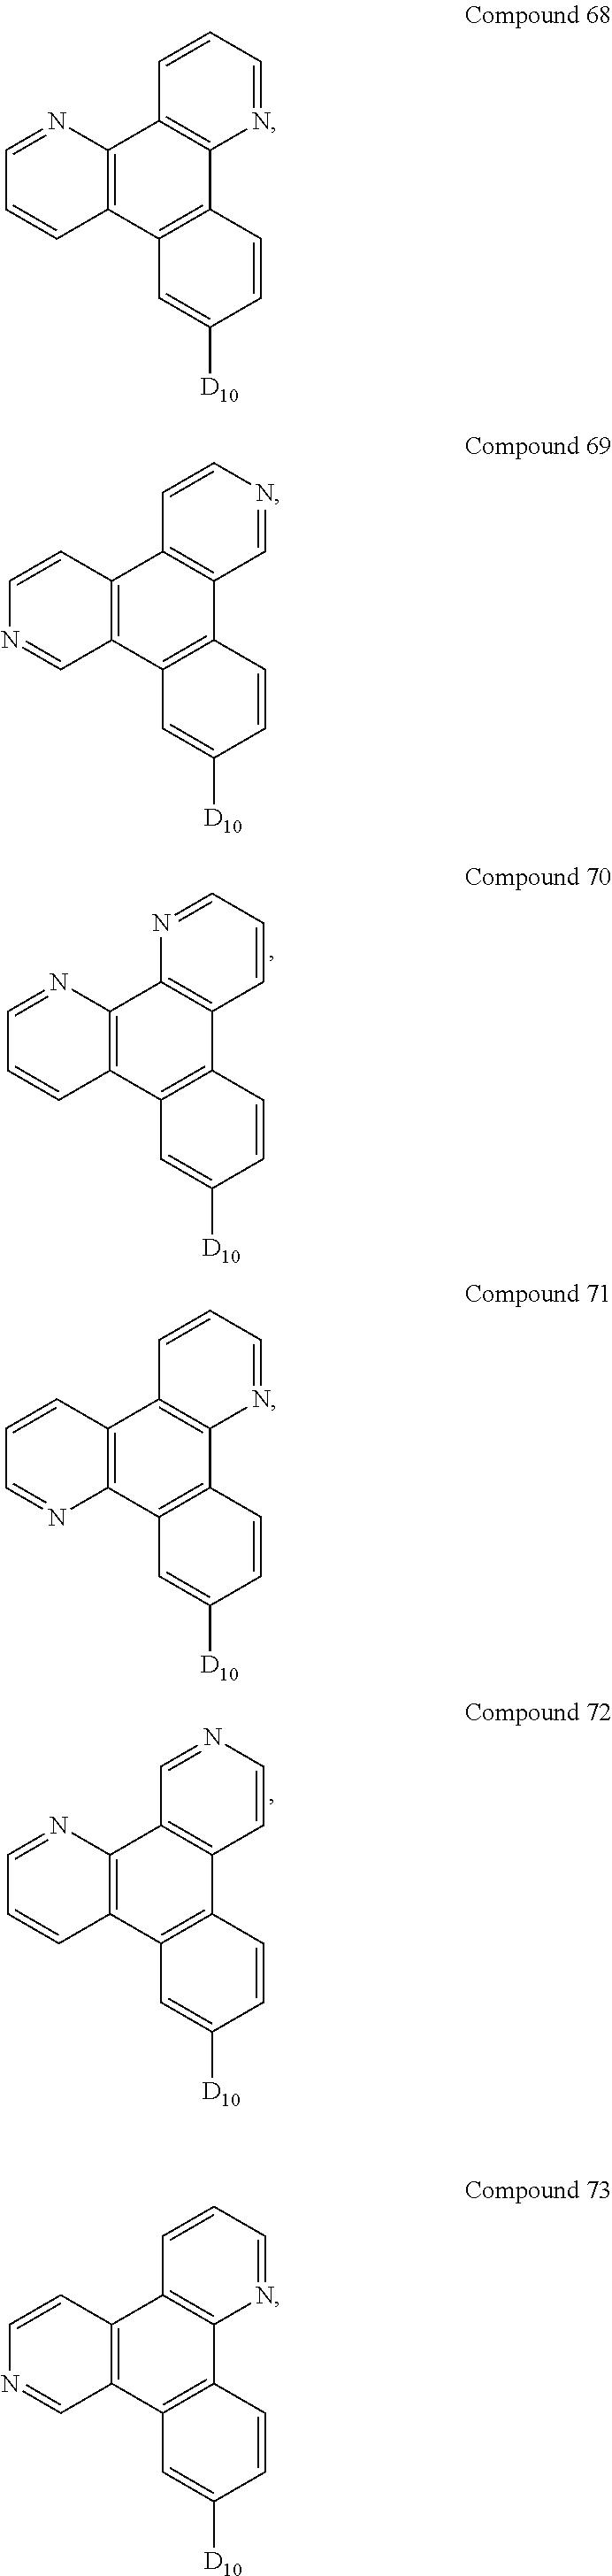 Figure US09537106-20170103-C00599